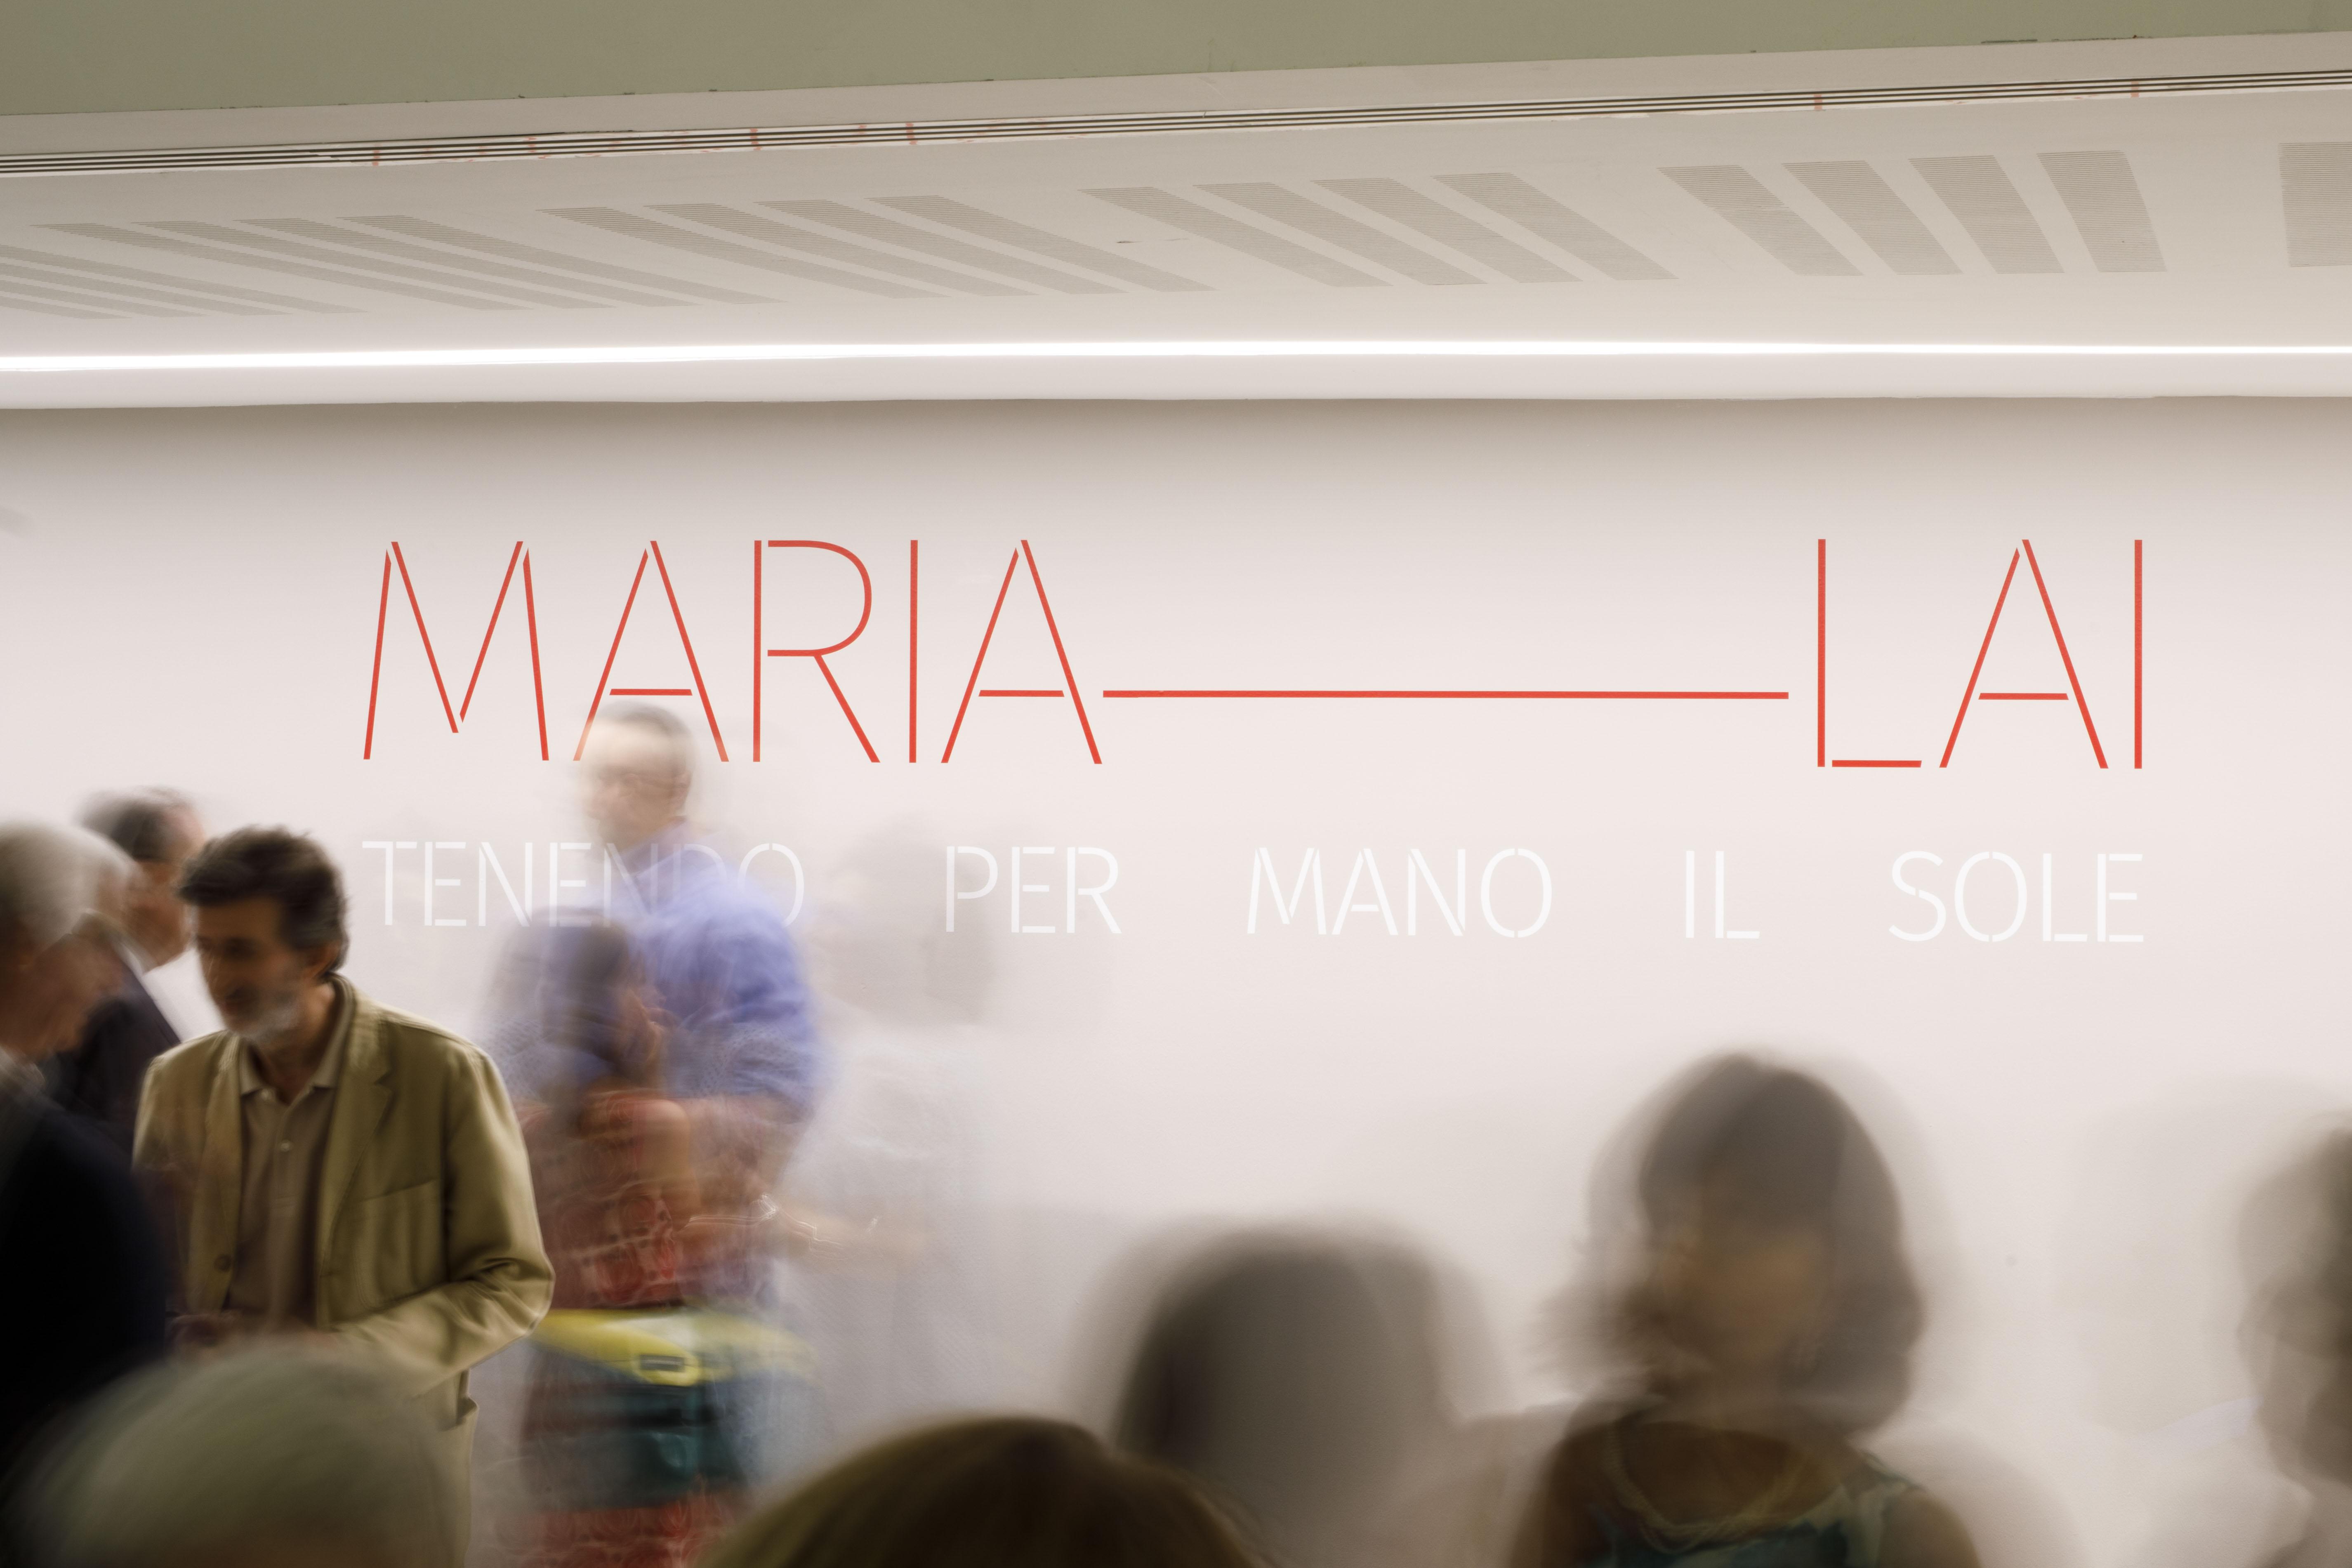 Maria Lai. Tenendo per mano il sole | Photo © Musacchio, Ianniello & Pasqualini, courtesy Fondazione MAXXI